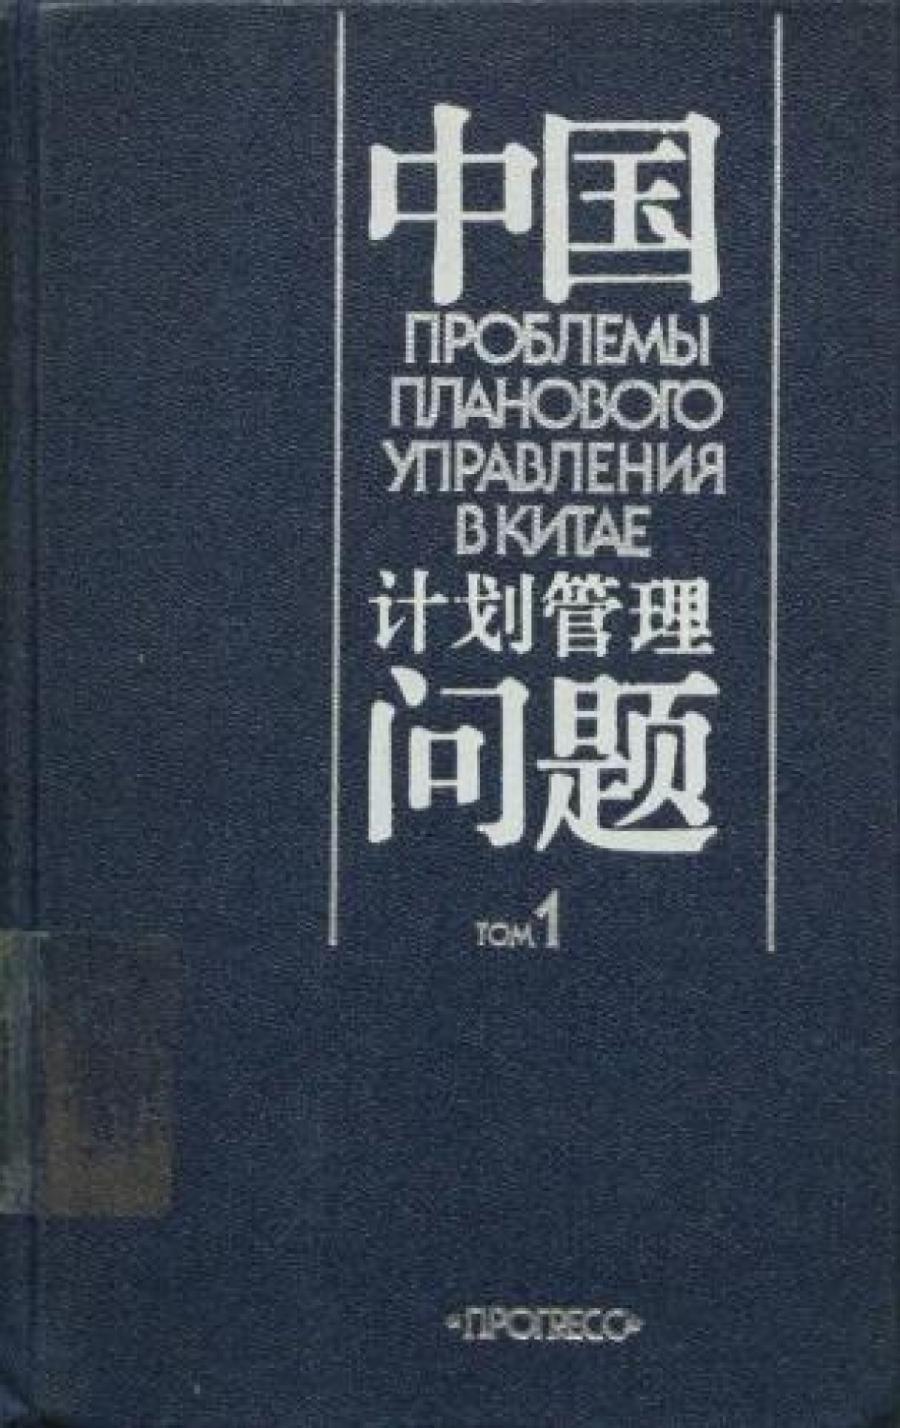 Обложка книги:  проблемы планового управления в китае в 2 томах